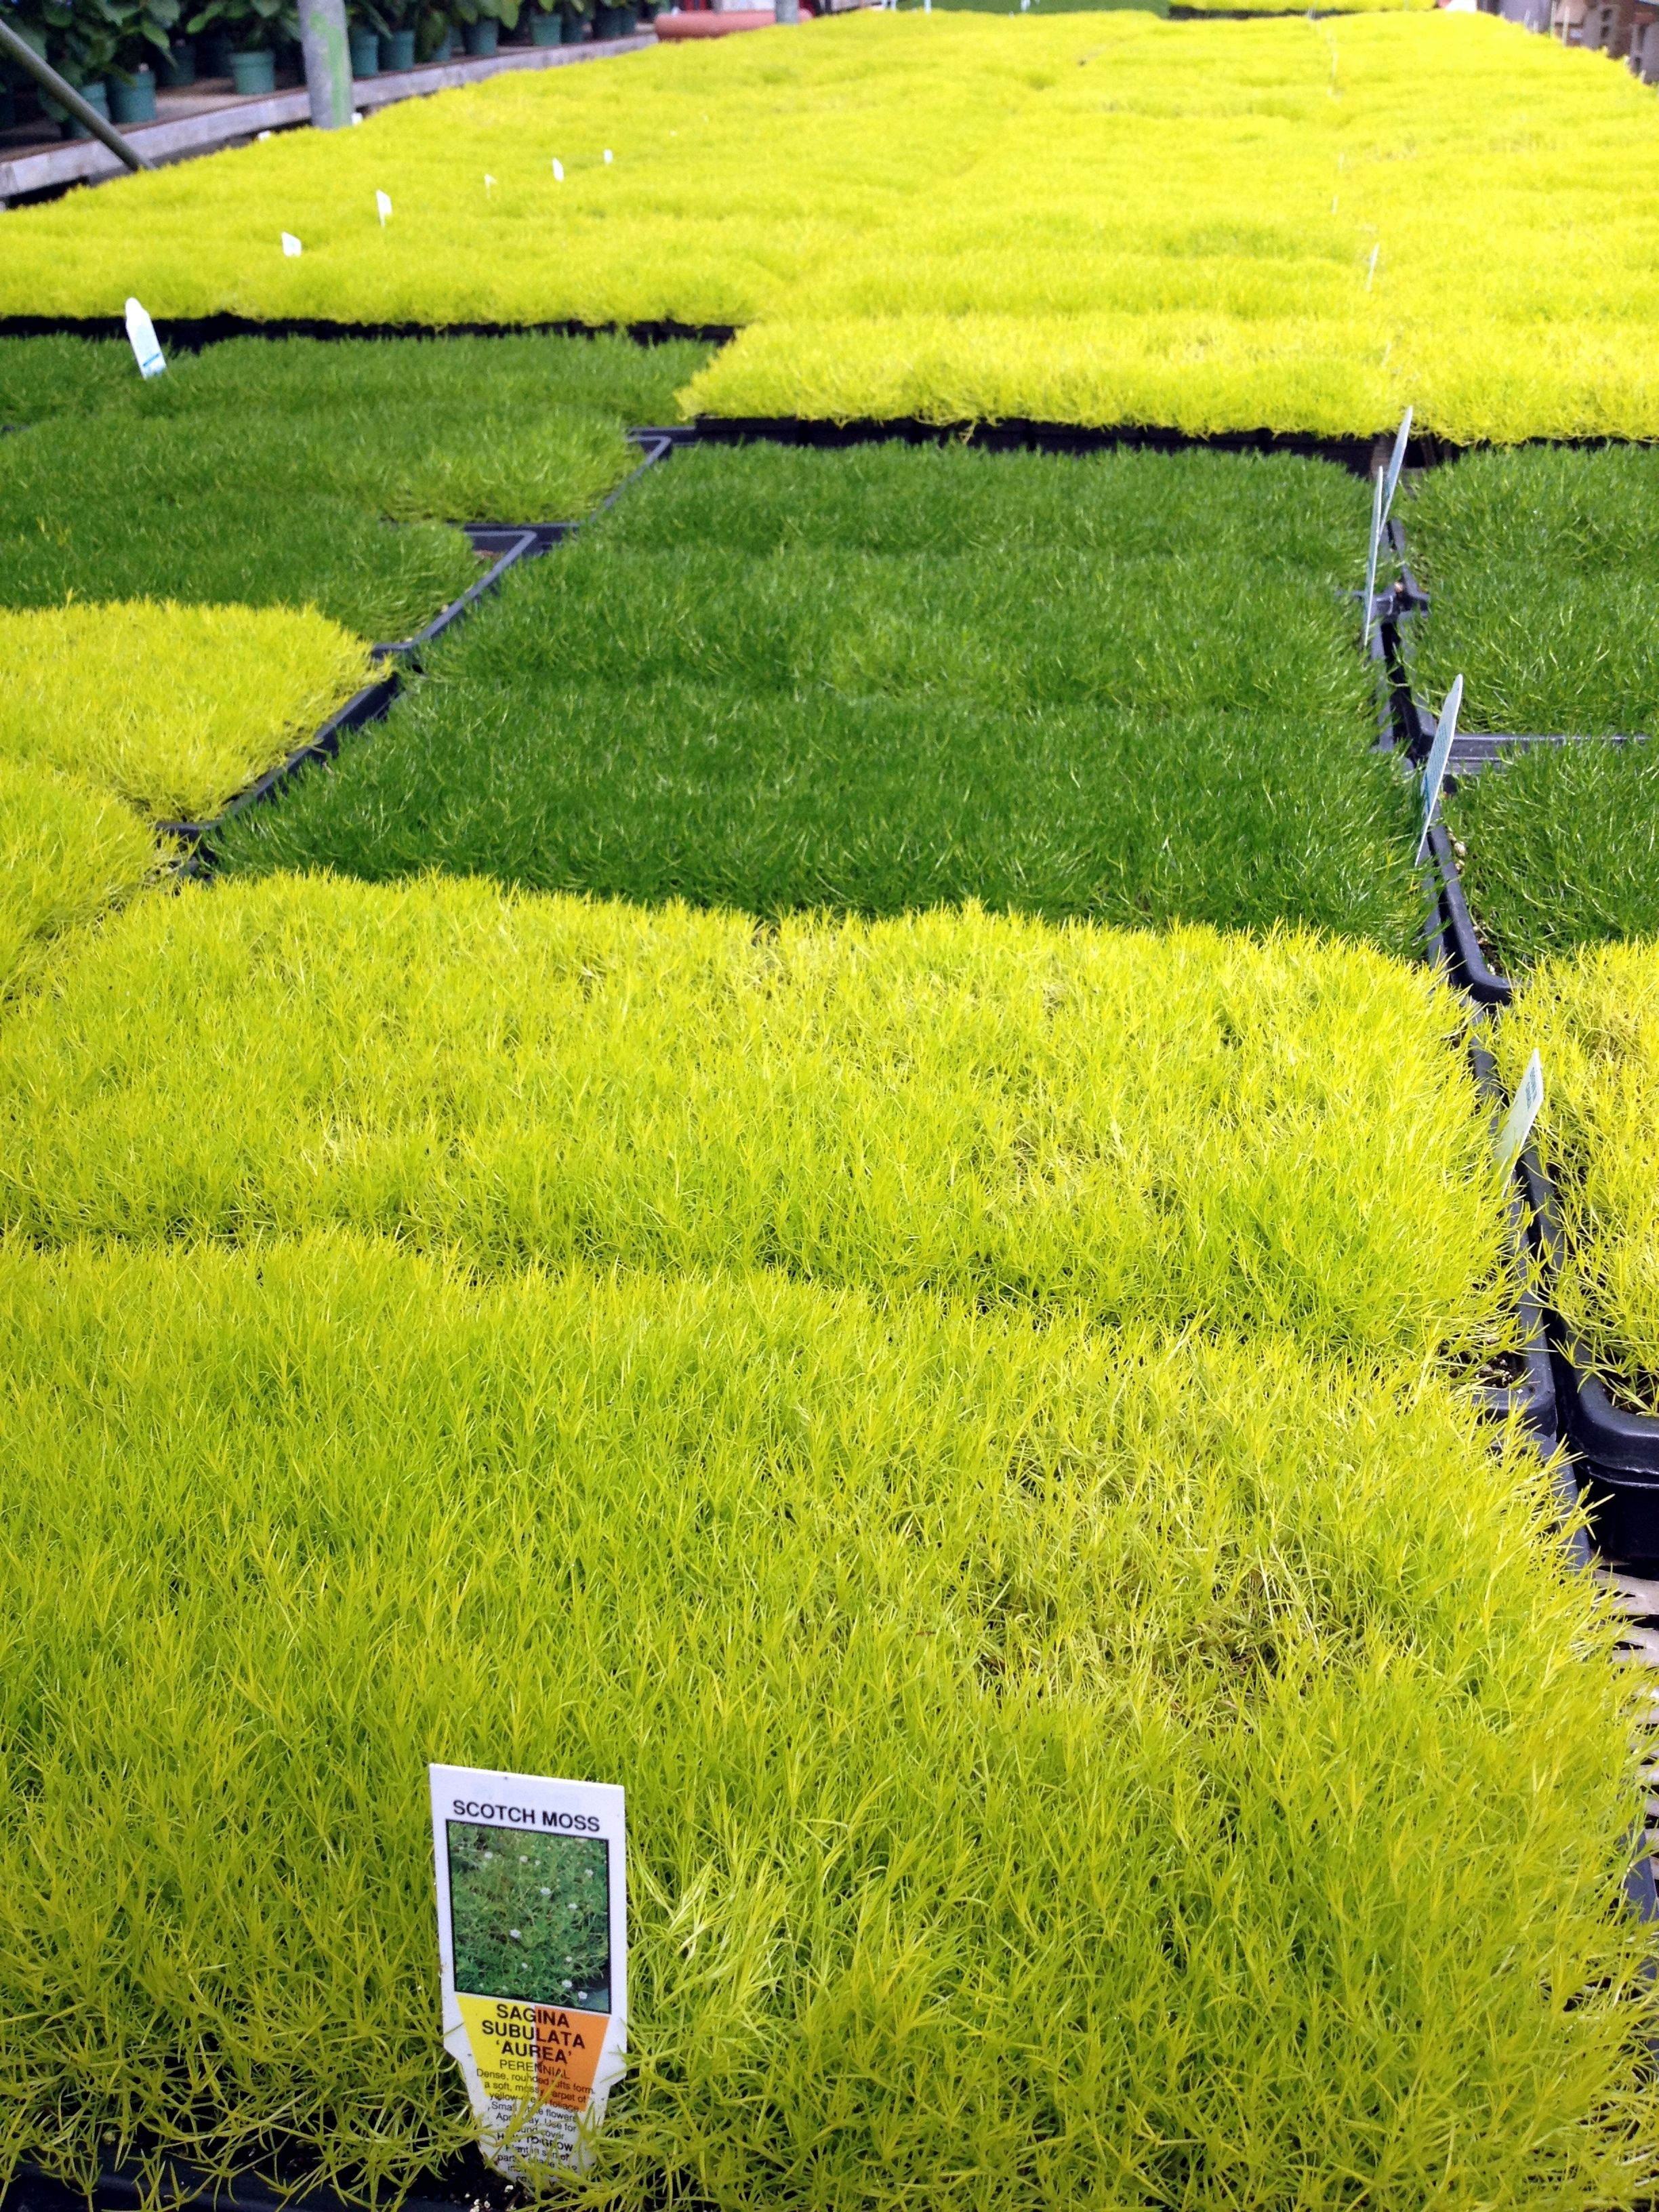 How to grow irish moss ground cover - Scotch And Irish Moss